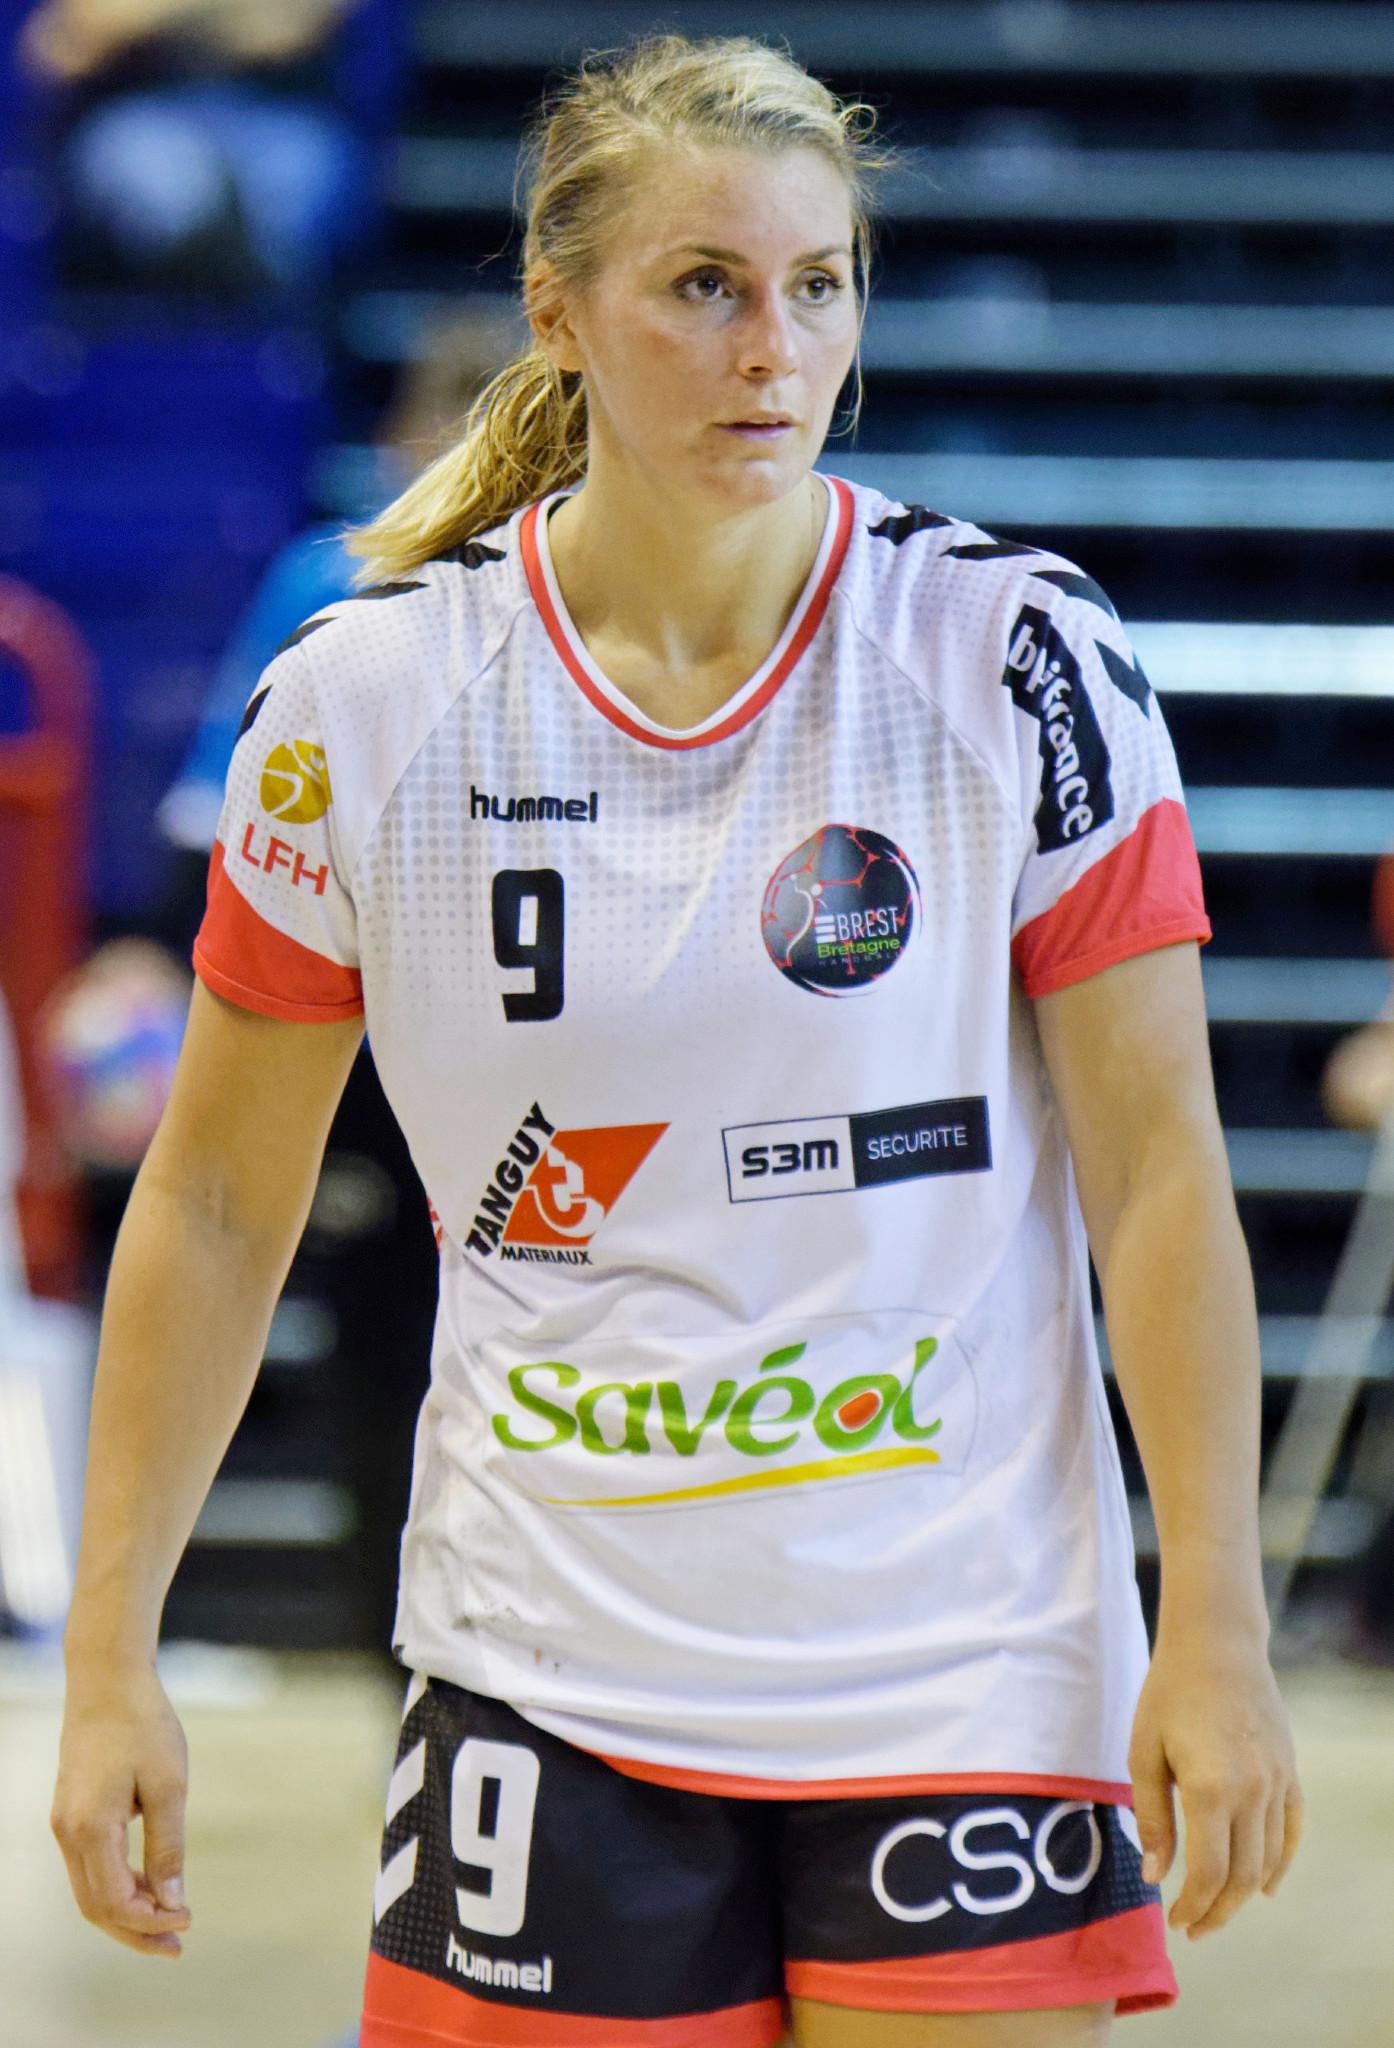 Isabella Gulden